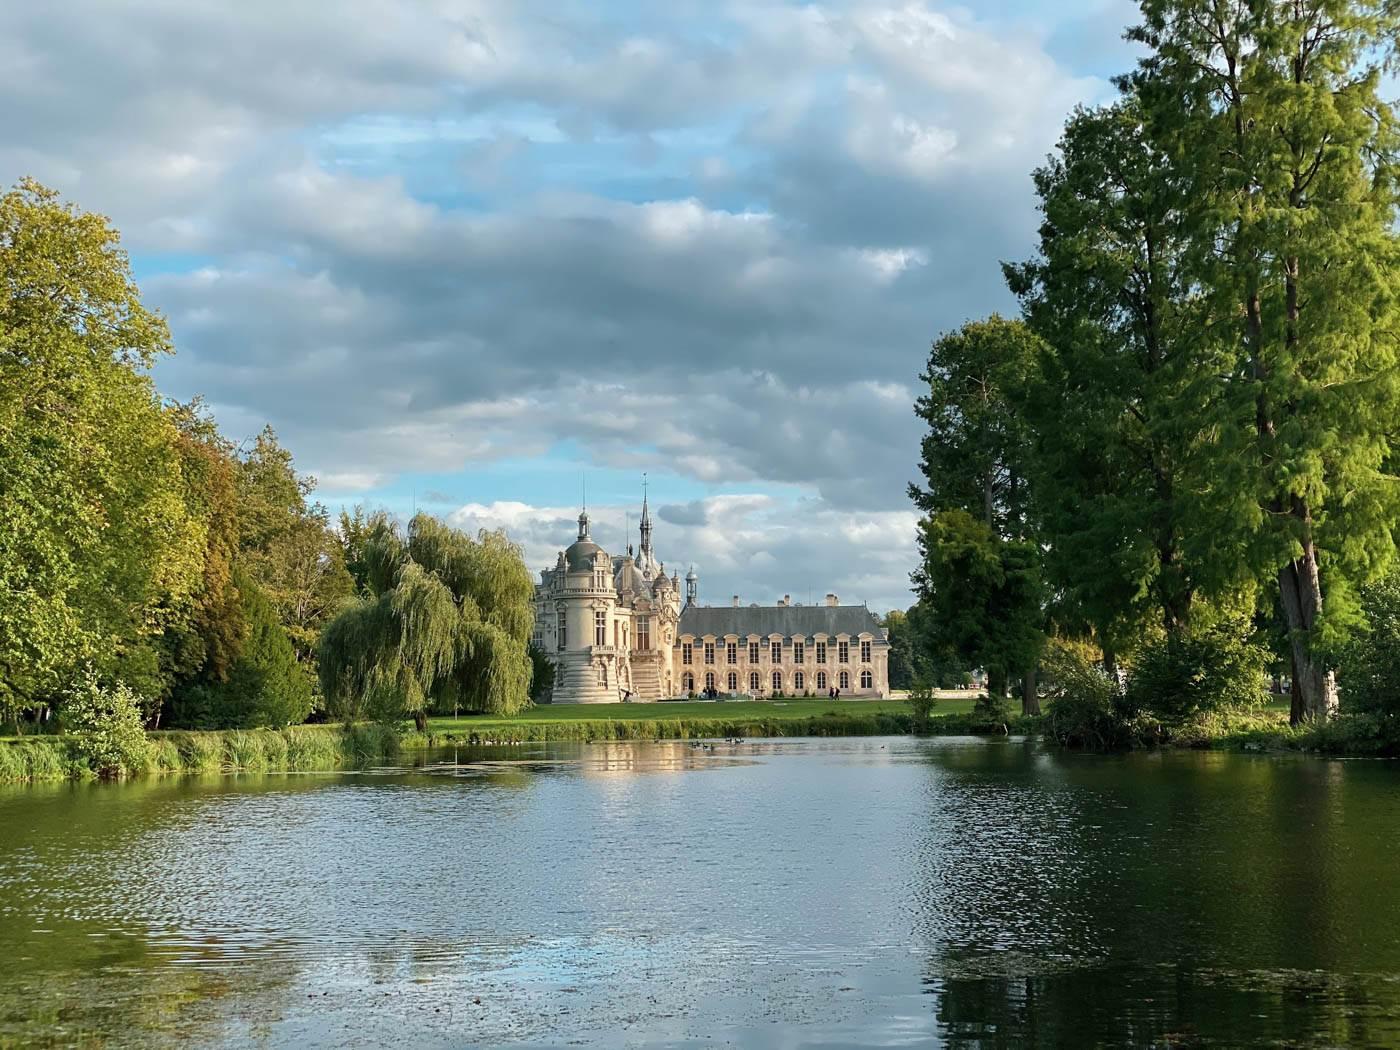 une-bonne-maison-chantilly-castle-french-chateau-pond